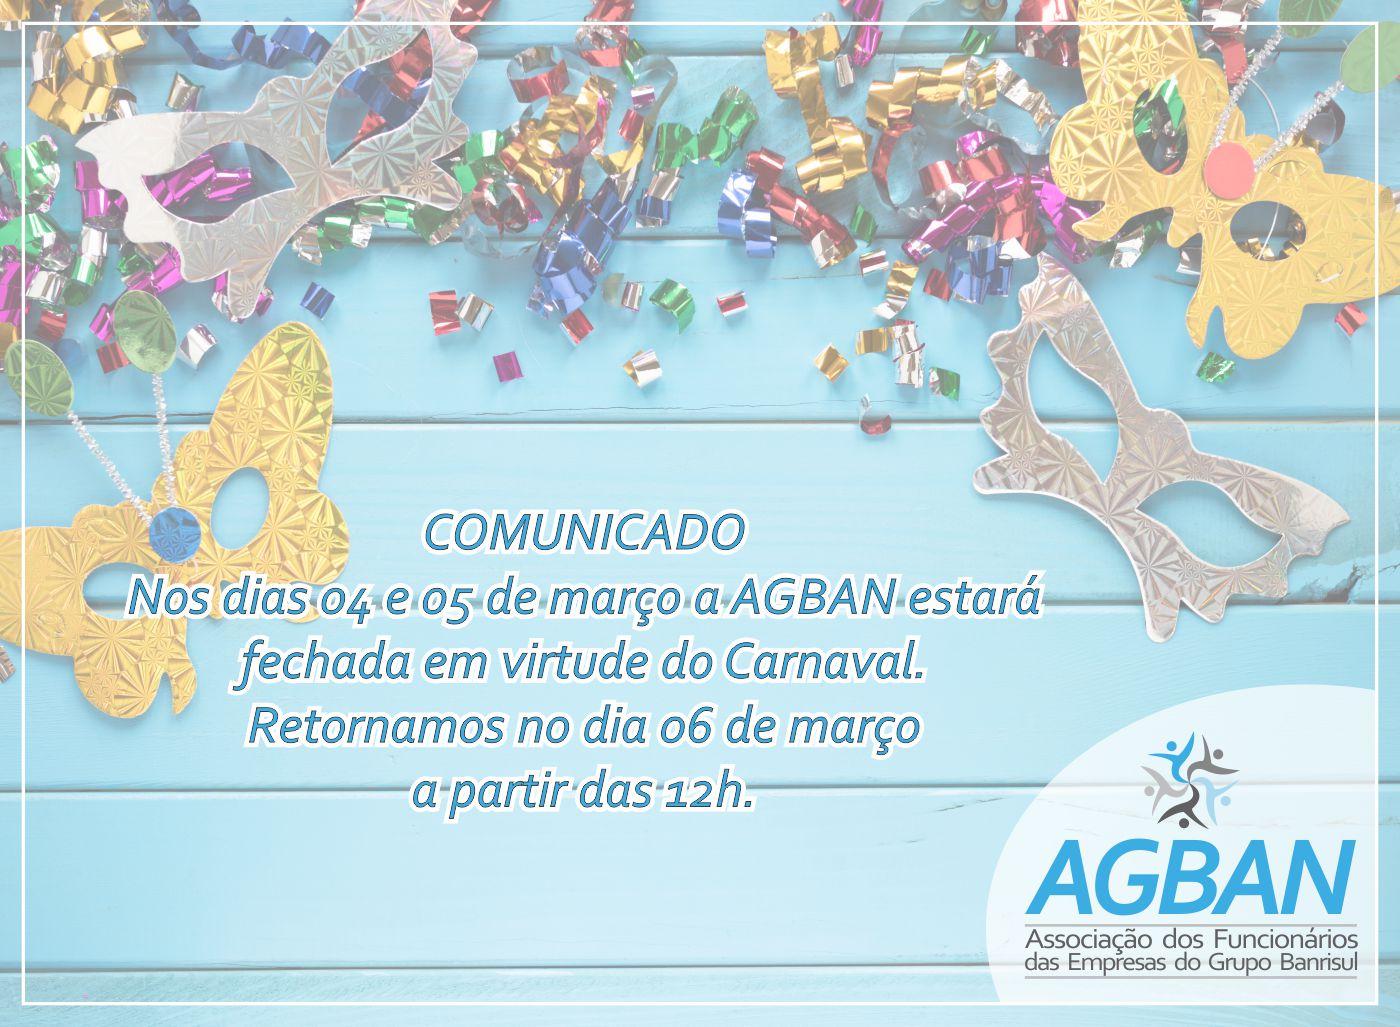 Comunicado sobre o feriado de Carnaval